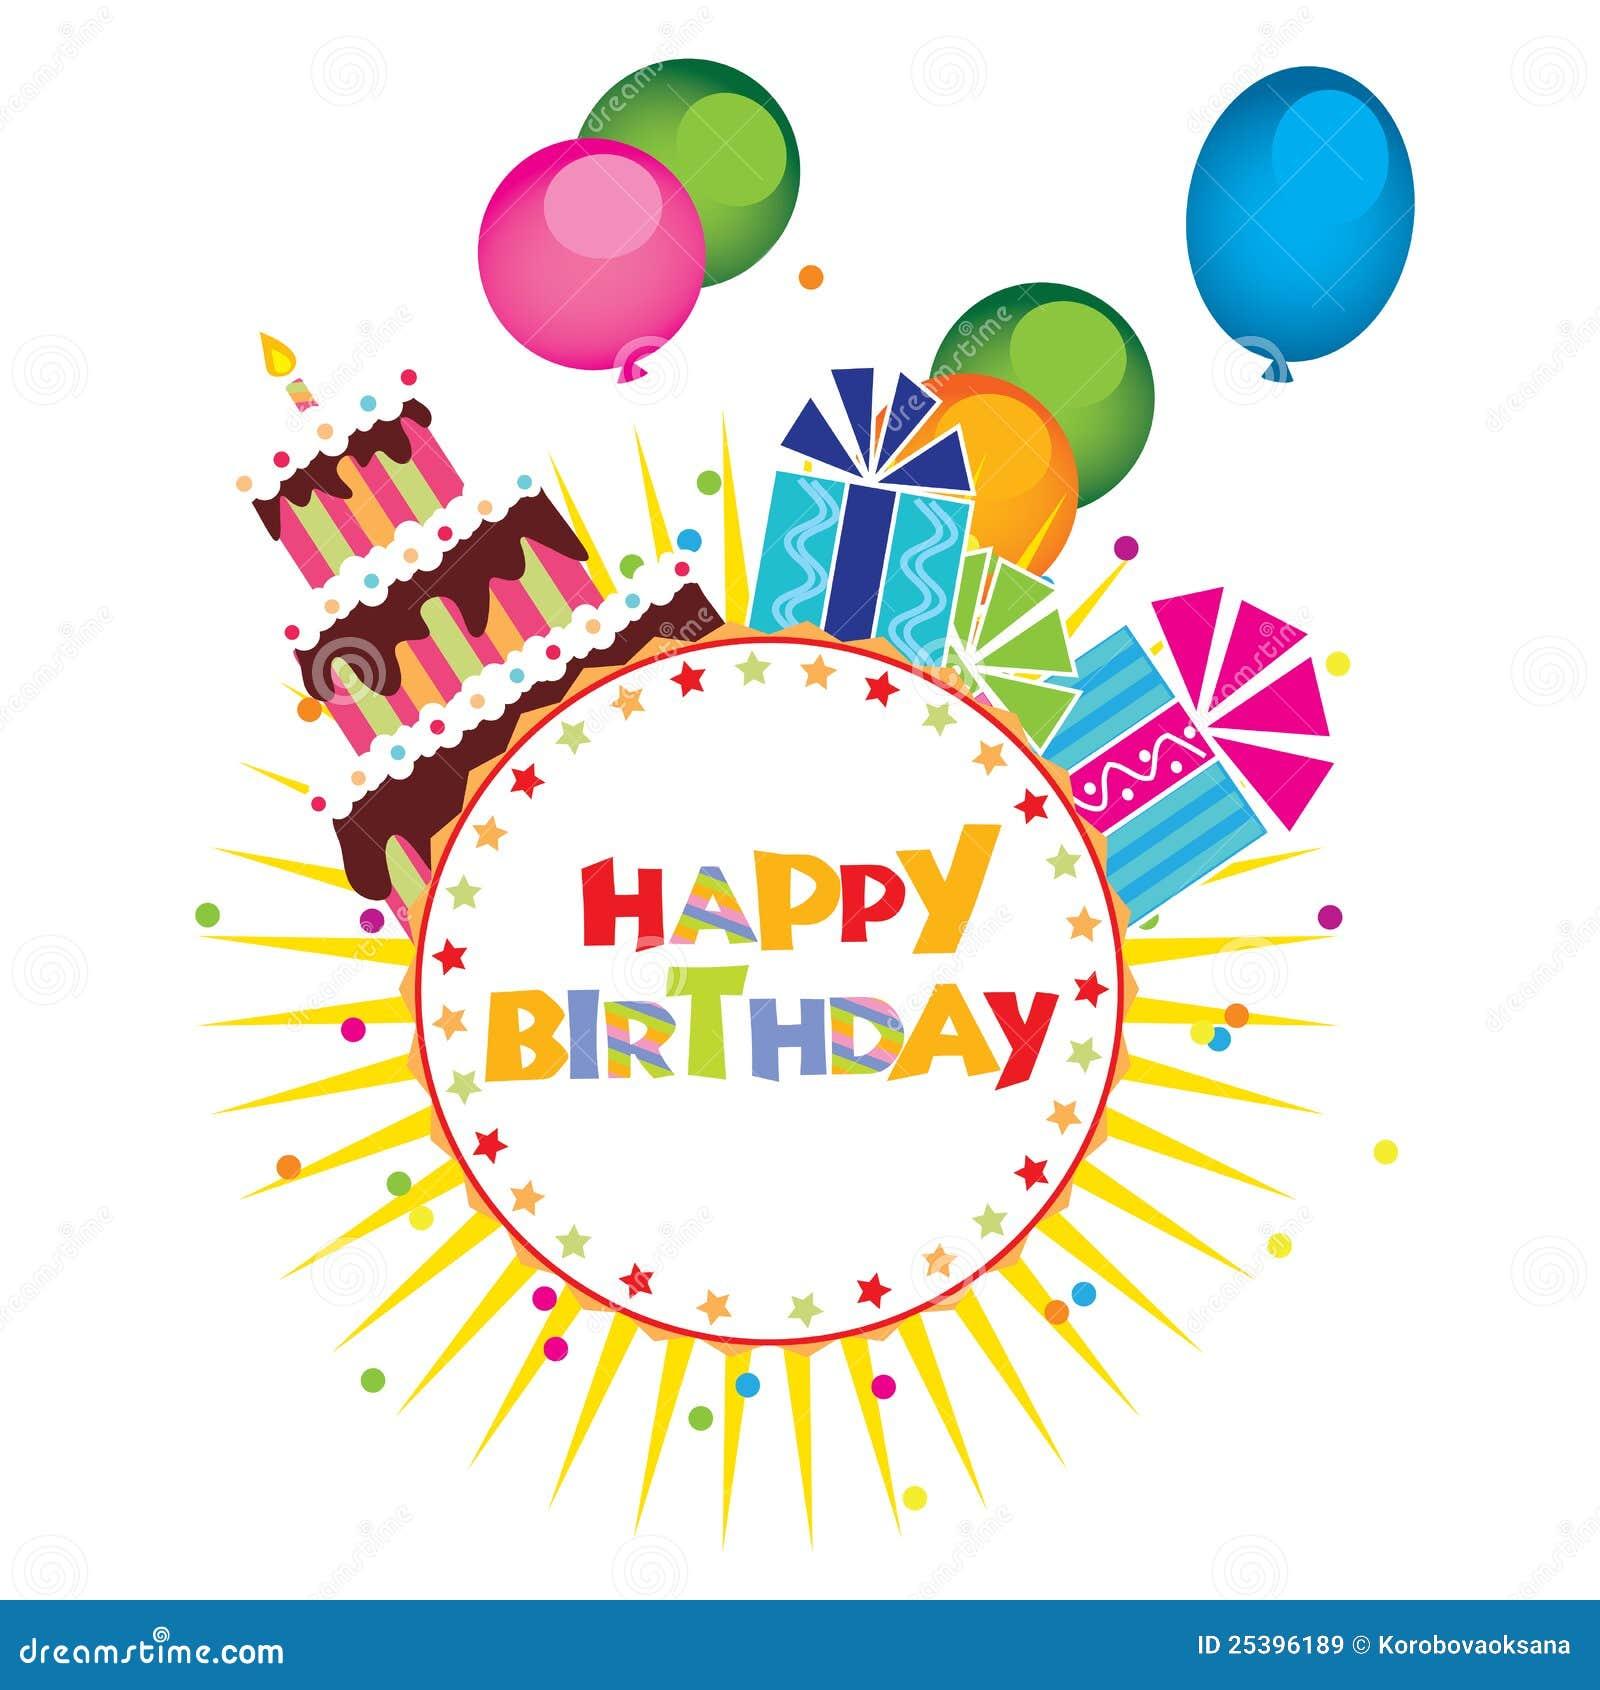 Vettore della torta di compleanno regali illustrazione - Colorazione pagina della torta di compleanno ...